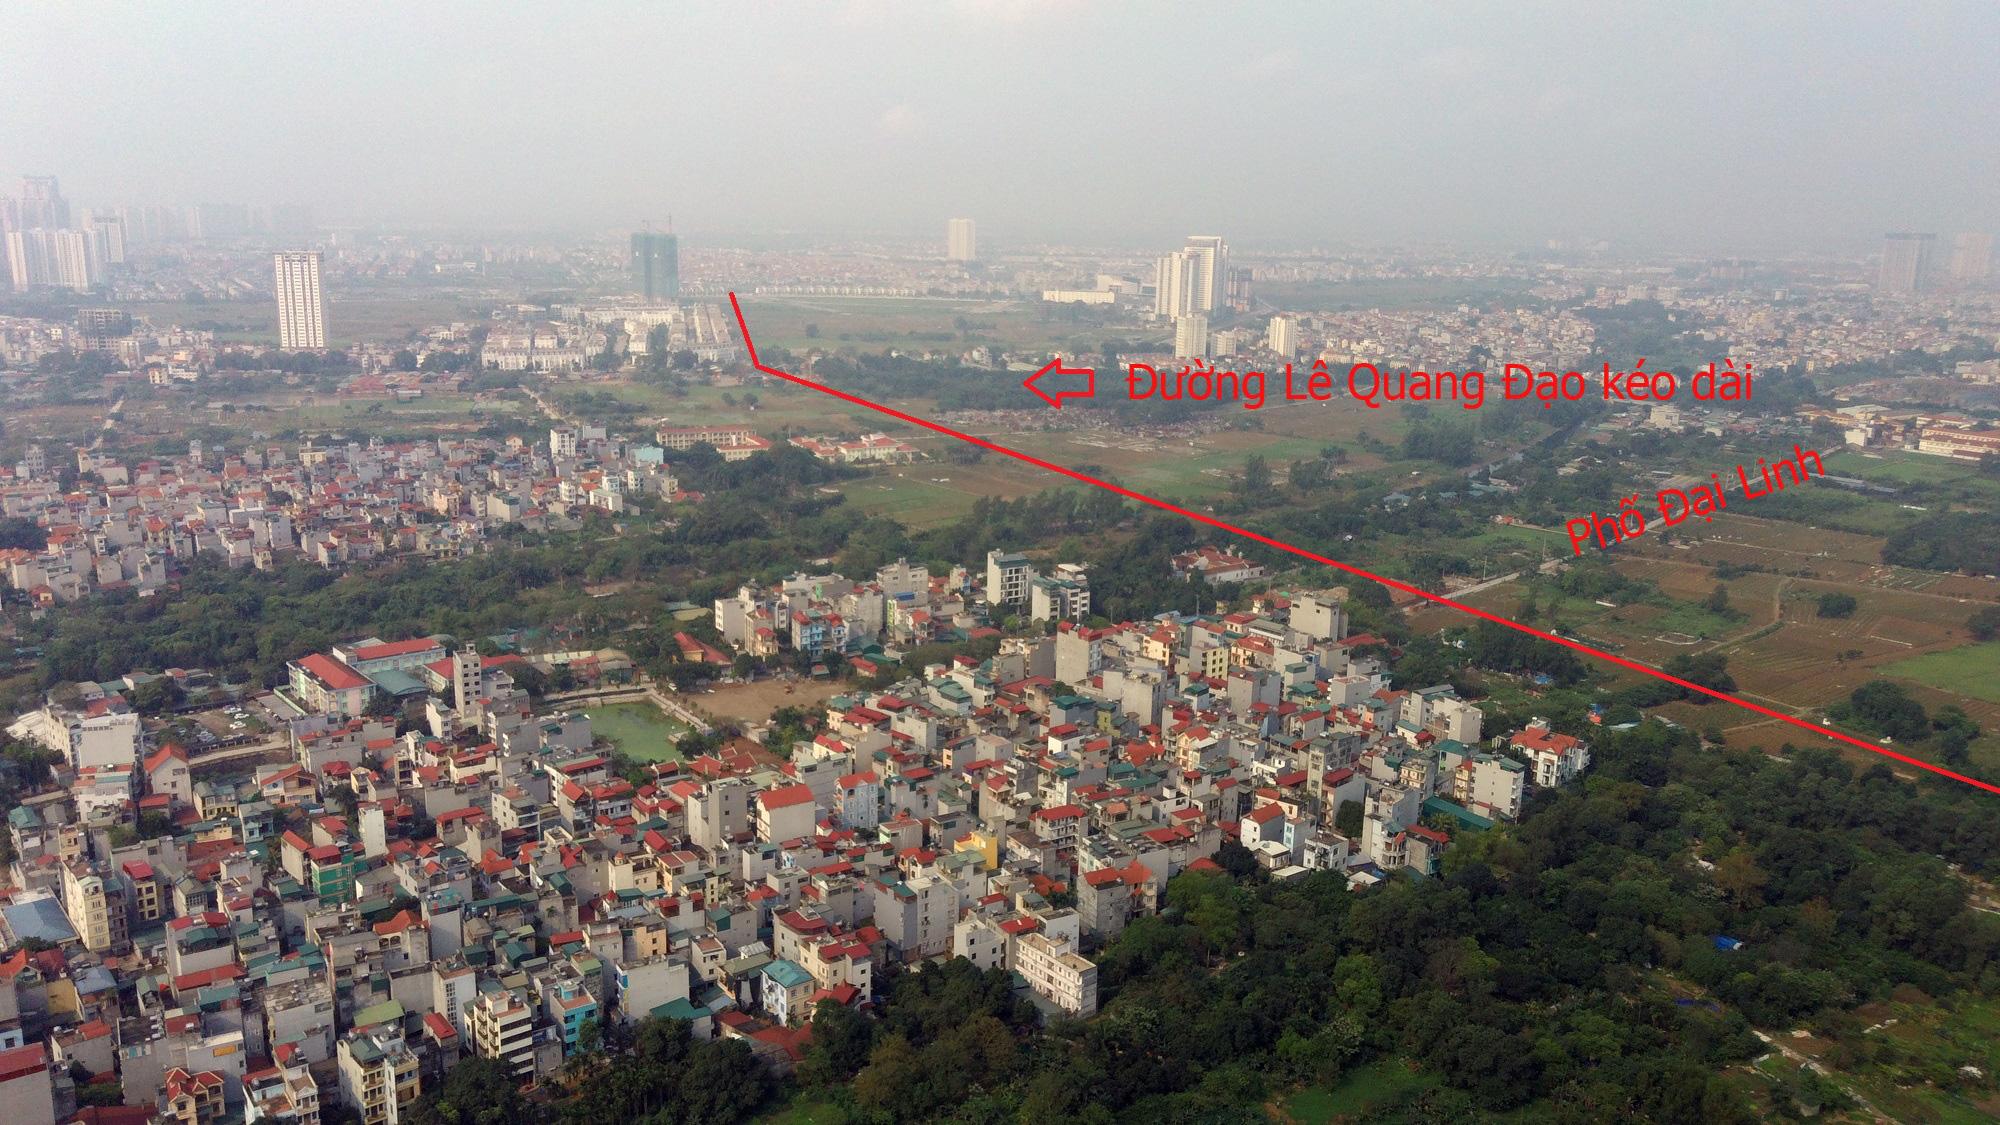 Những dự án hưởng lợi từ qui hoạch đường Lê Quang Đạo kéo dài - Ảnh 4.